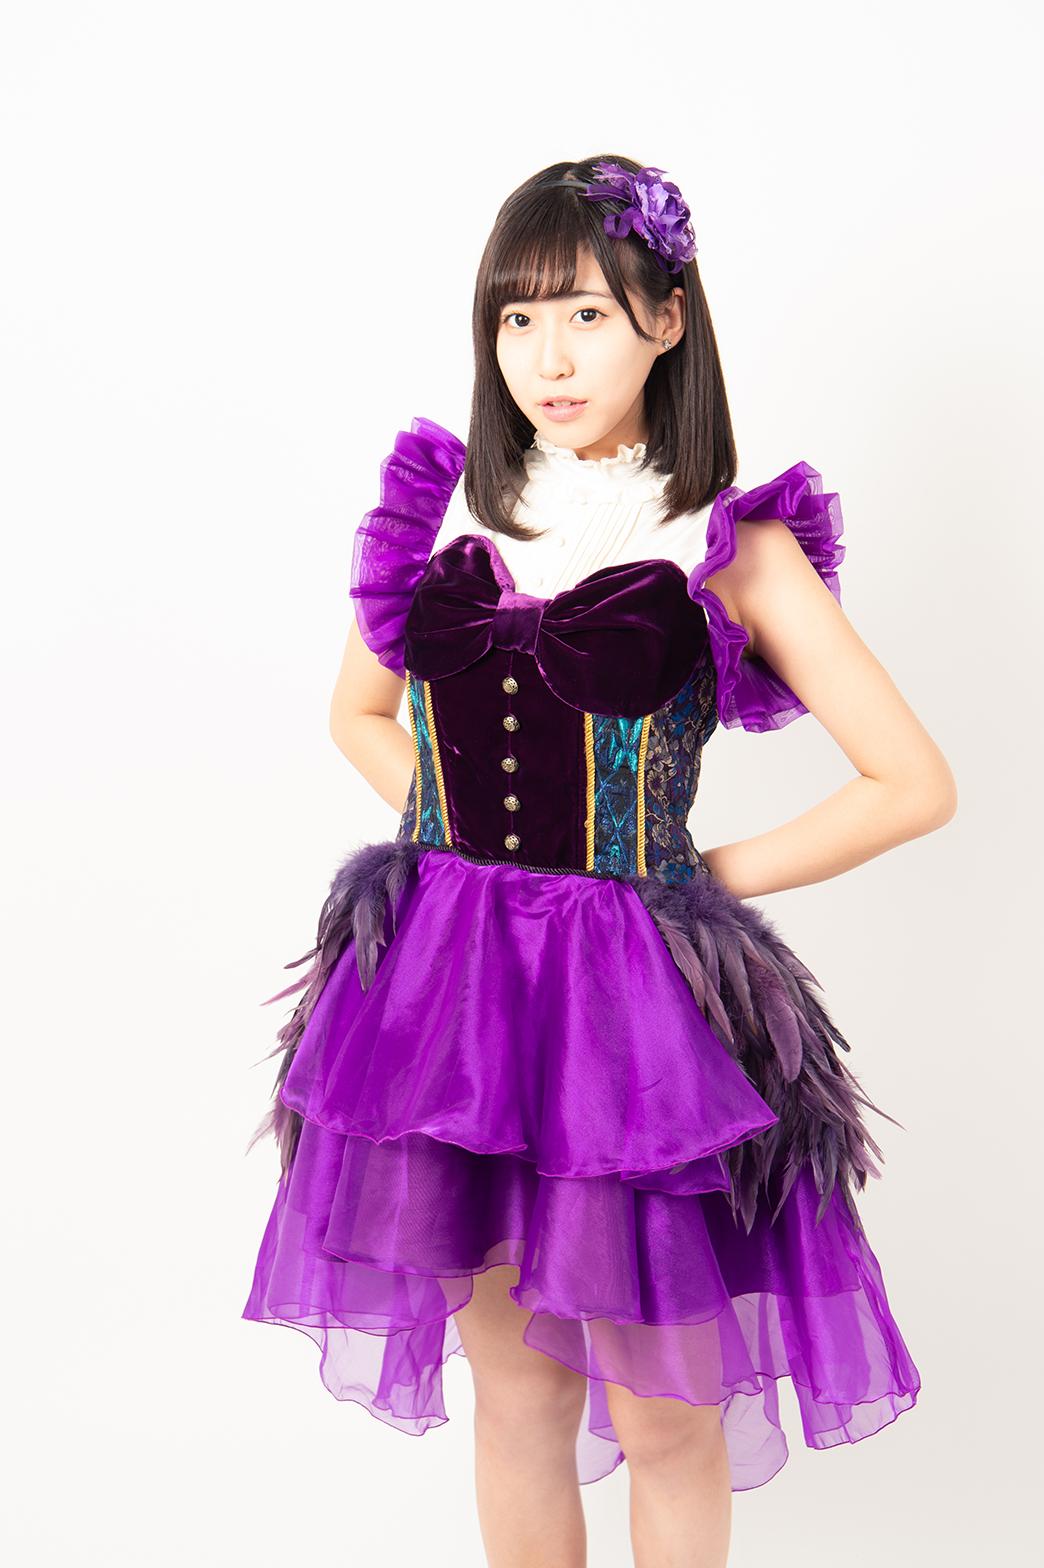 Ando Yukine